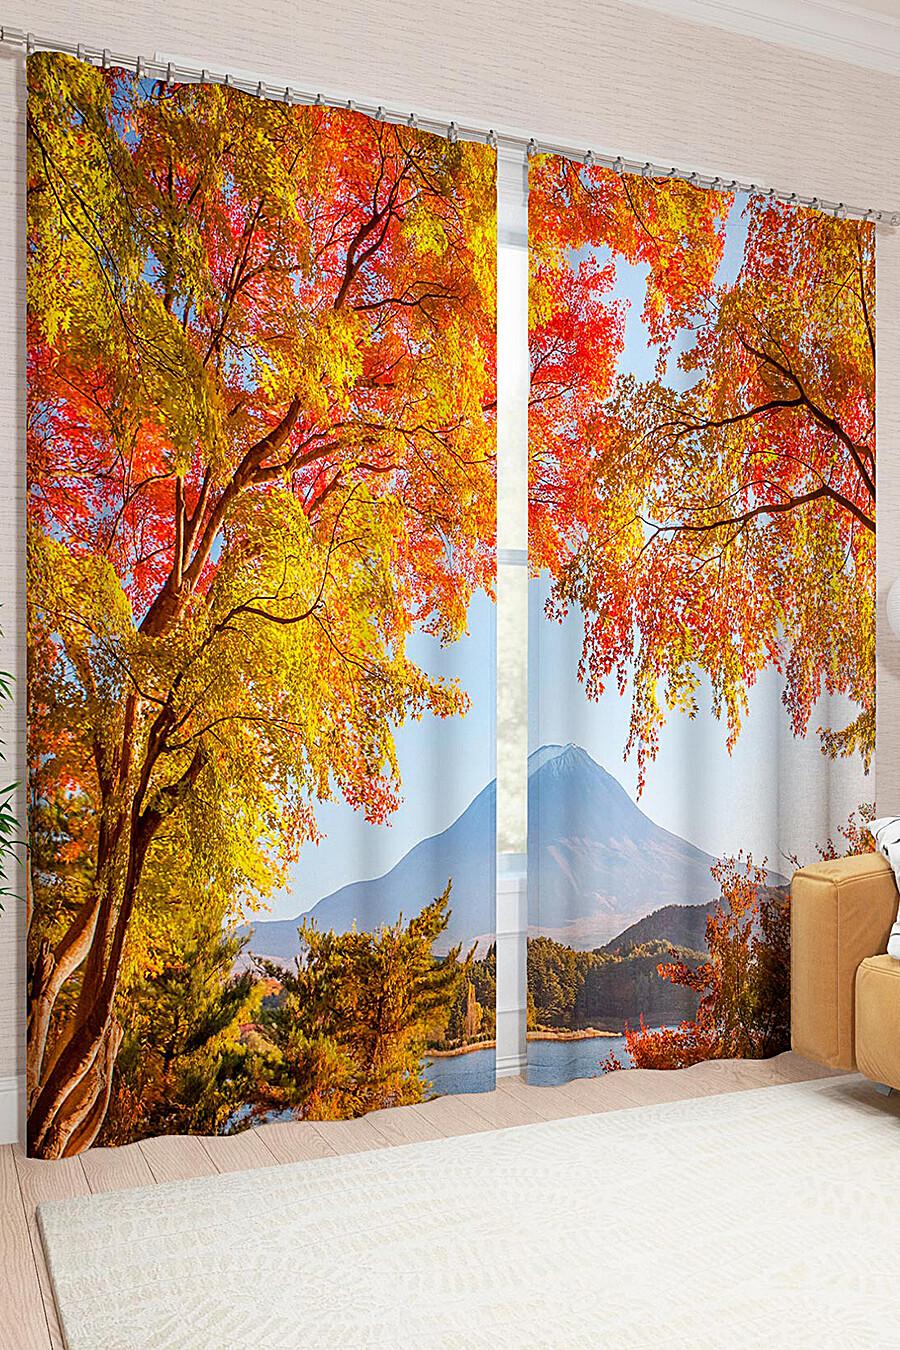 Фотошторы для дома ART HOME TEXTILE 123493 купить оптом от производителя. Совместная покупка товаров для дома в OptMoyo